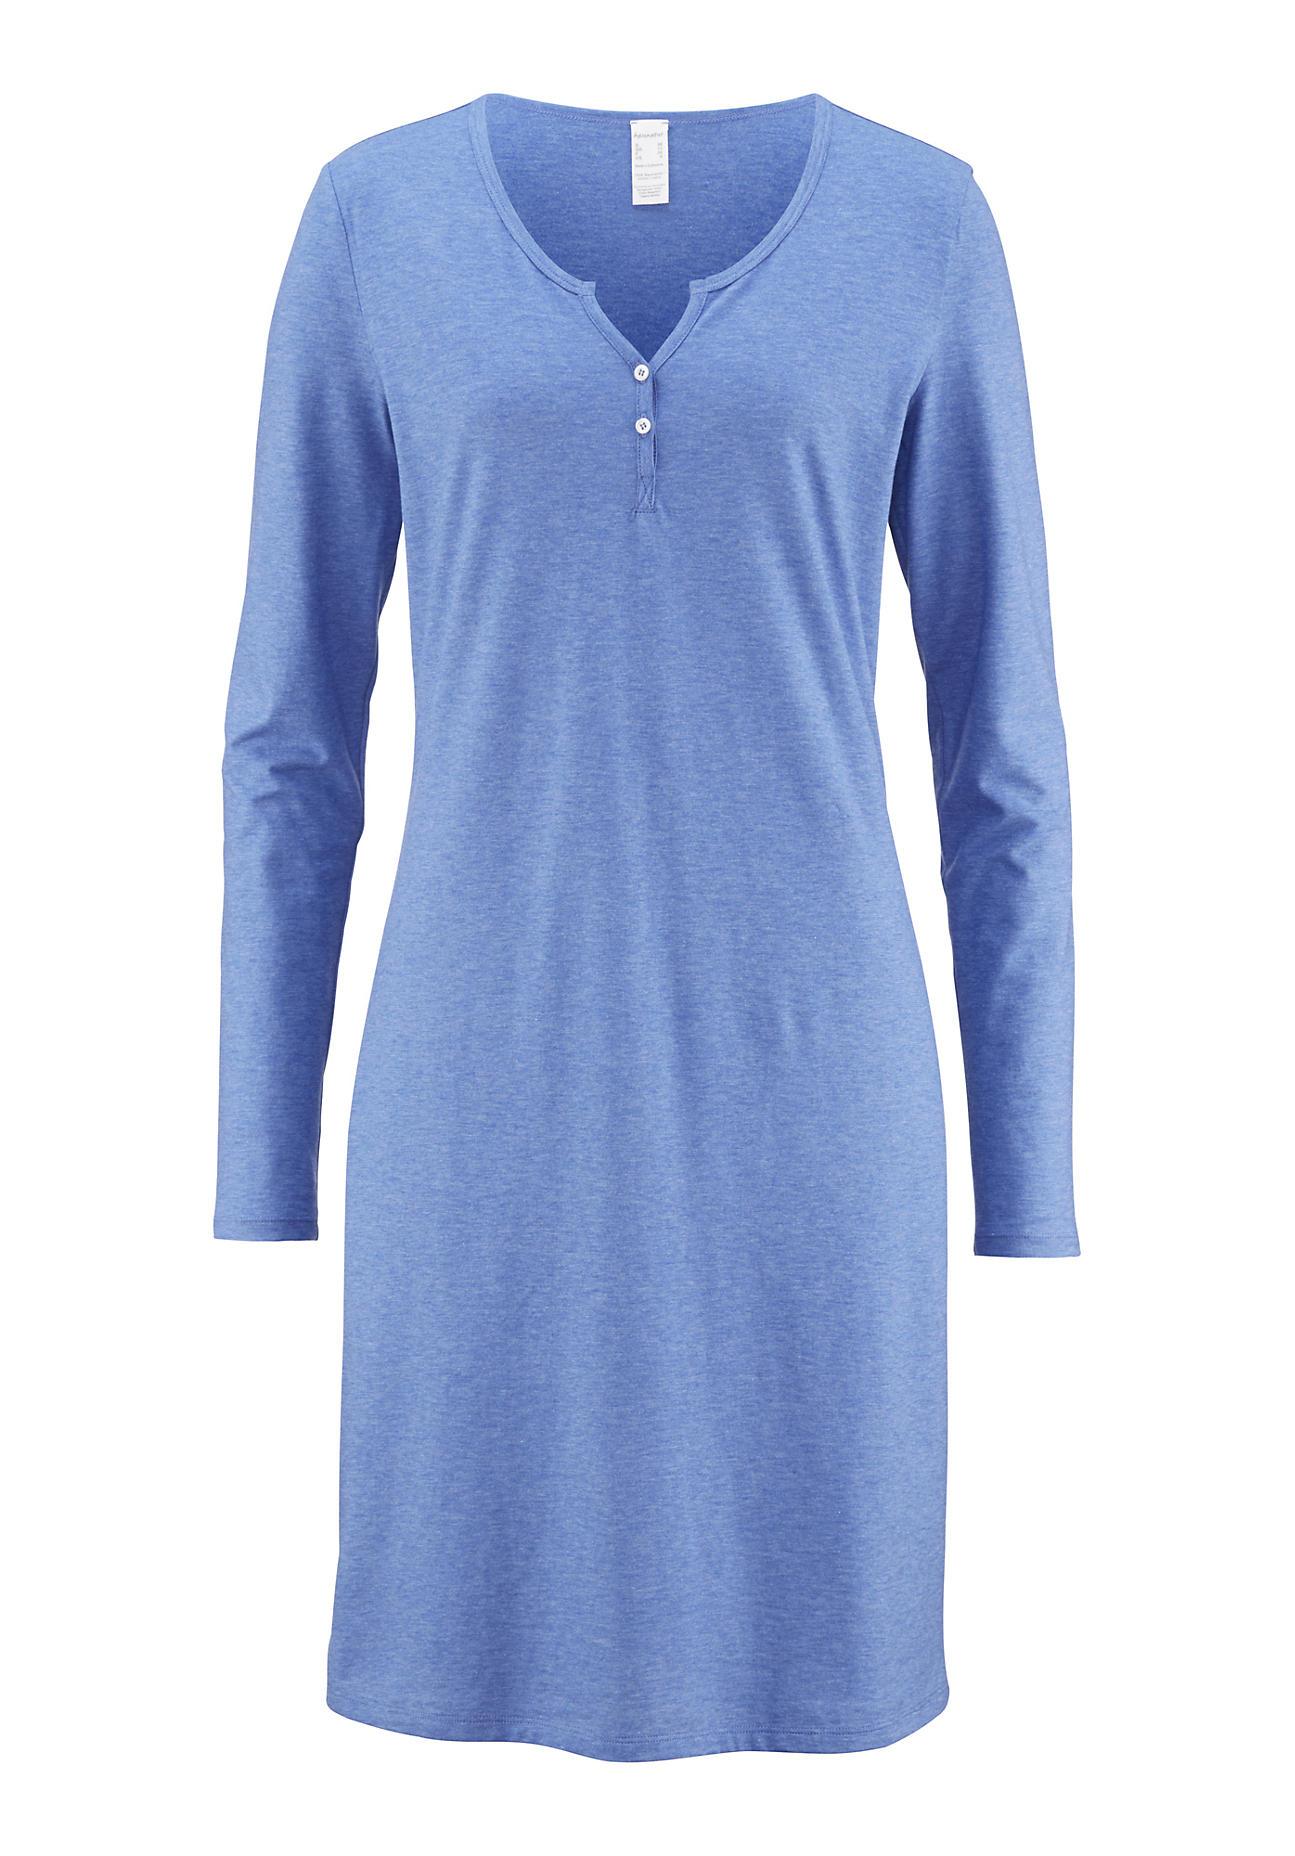 hessnatur Damen Damen Nachthemd aus Bio Baumwolle – blau – Größe 38